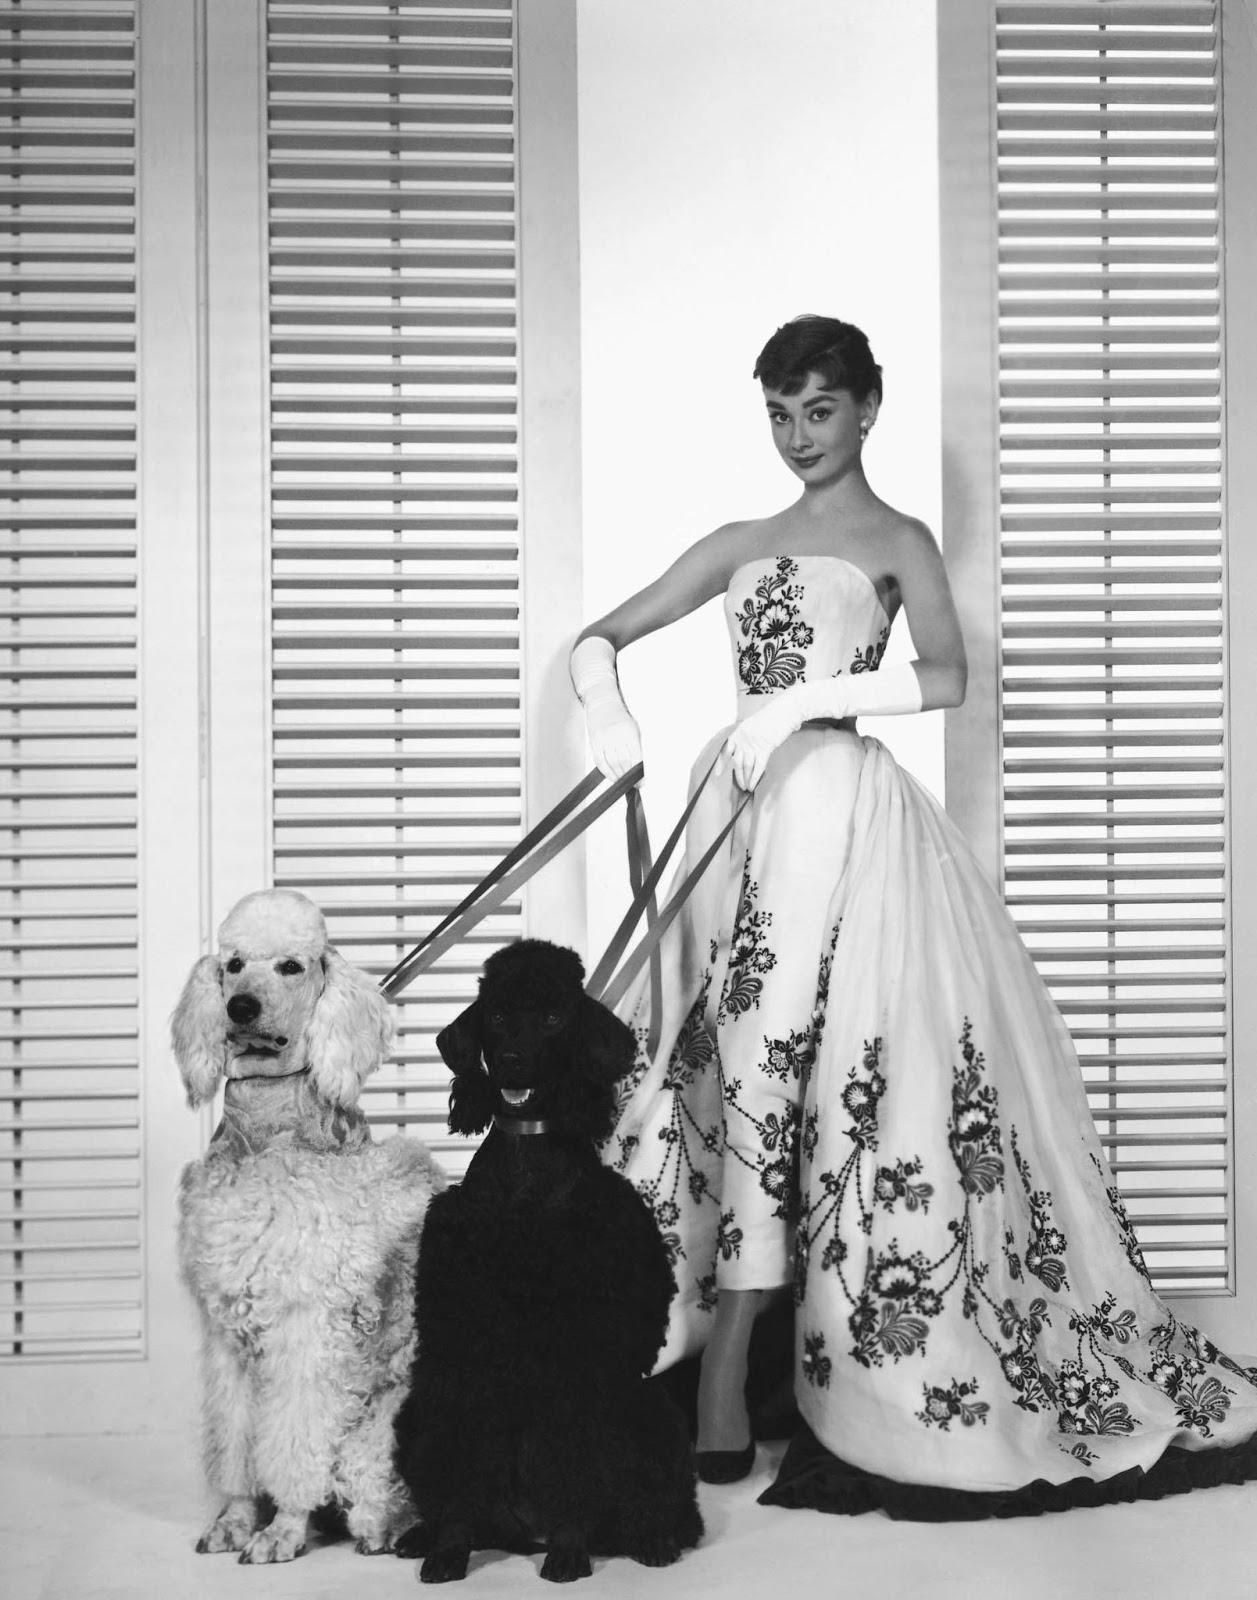 5) O vestido preto e branco usado por Audrey Hepburn no filme Sabrina  (1954) - O vestido branco com bordados florais em preto, foi criado por  Givenchy, ... 525af07345